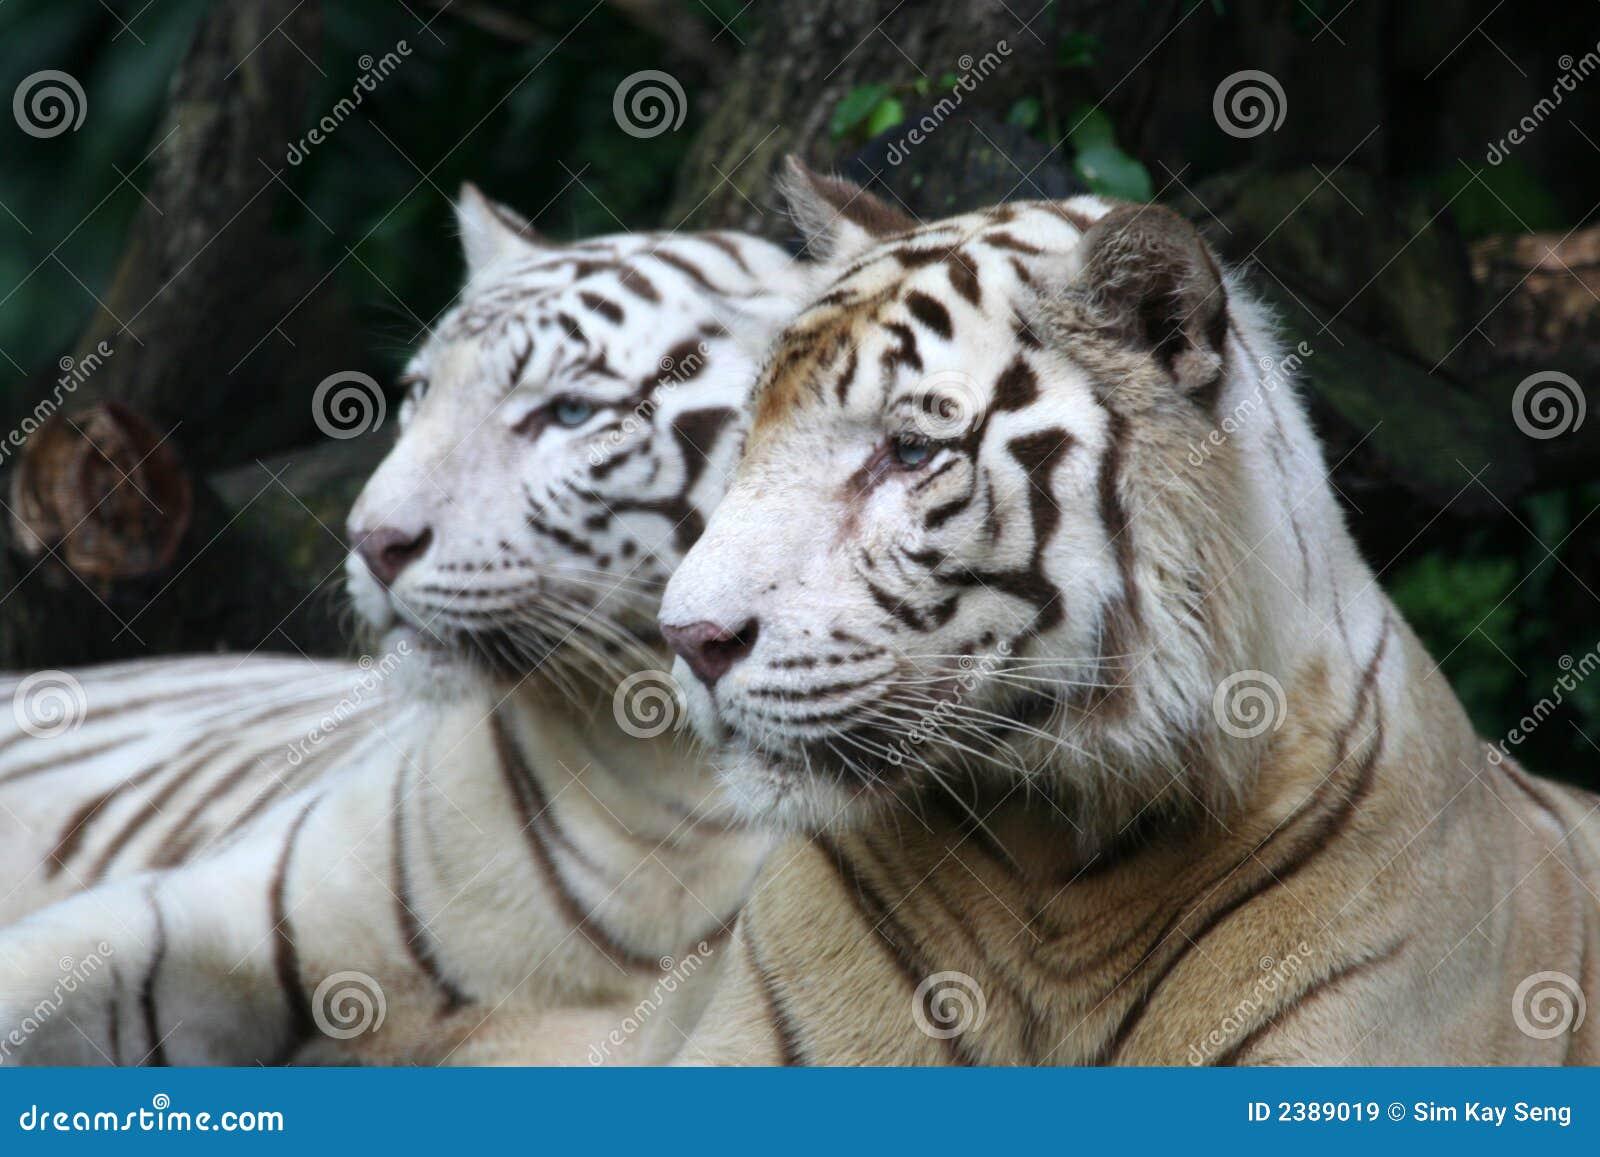 Tigri bianche immagini stock libere da diritti immagine for Disegni delle tigri